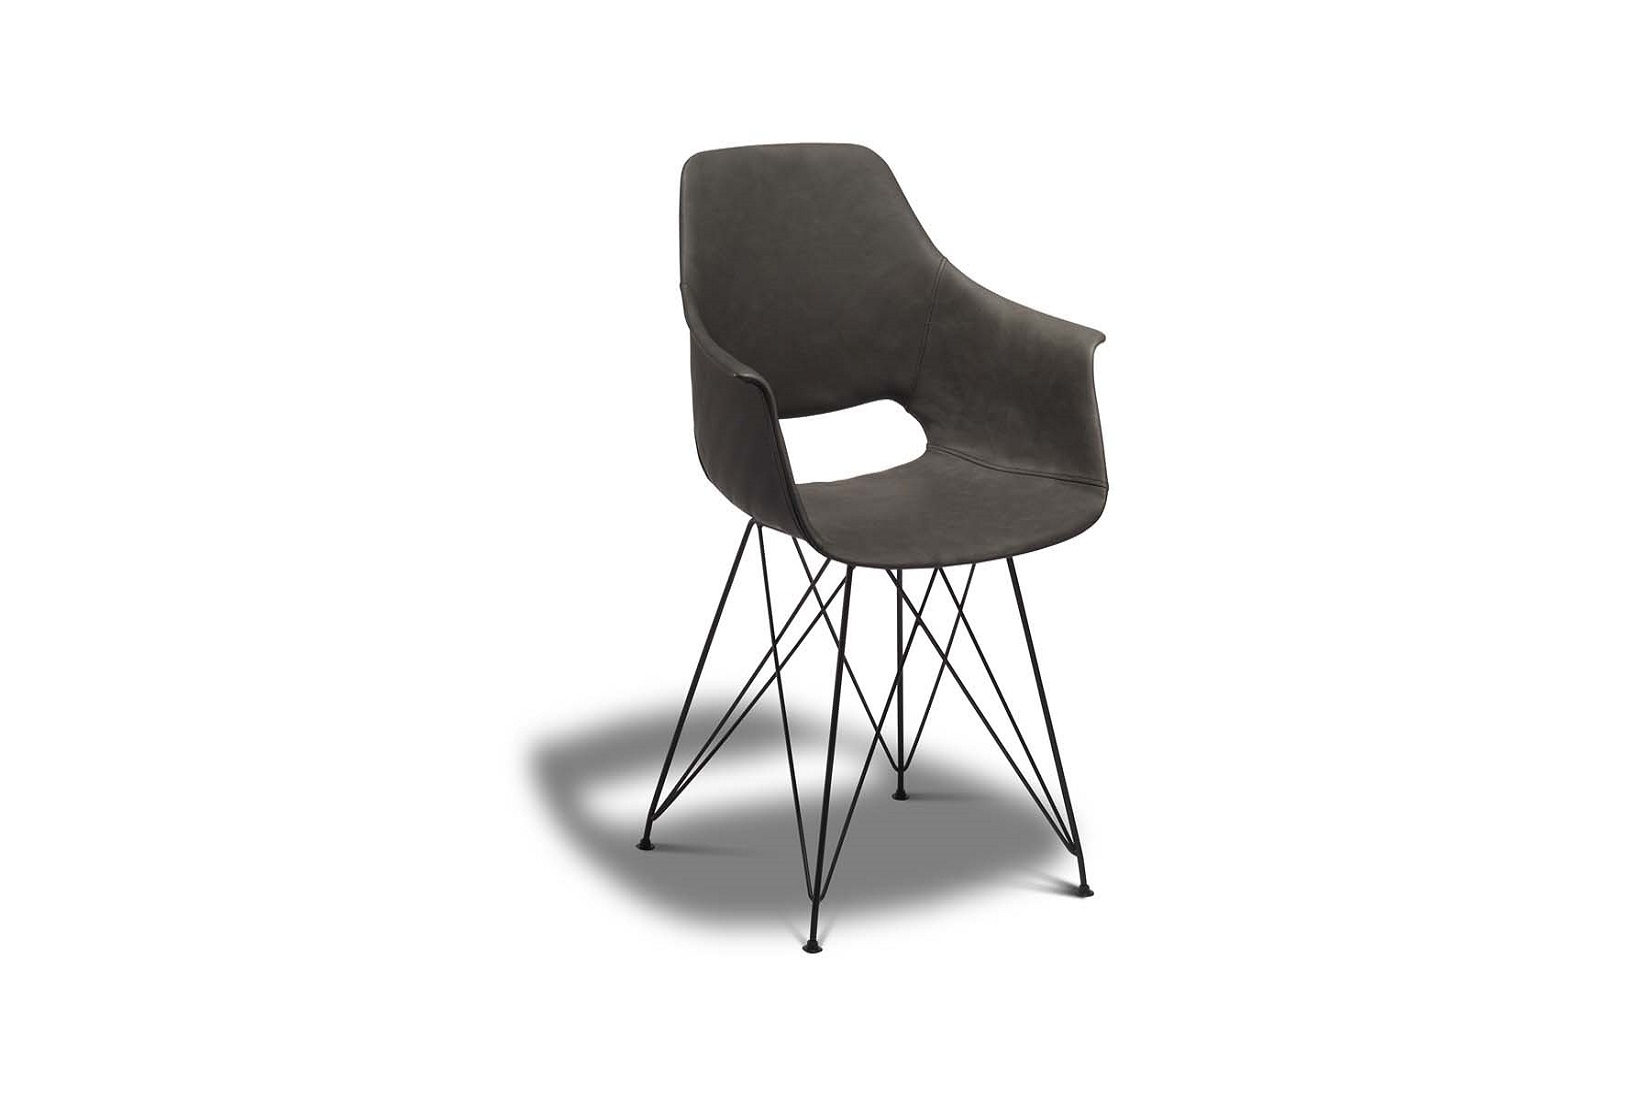 Jídelní židle Aban, šedá